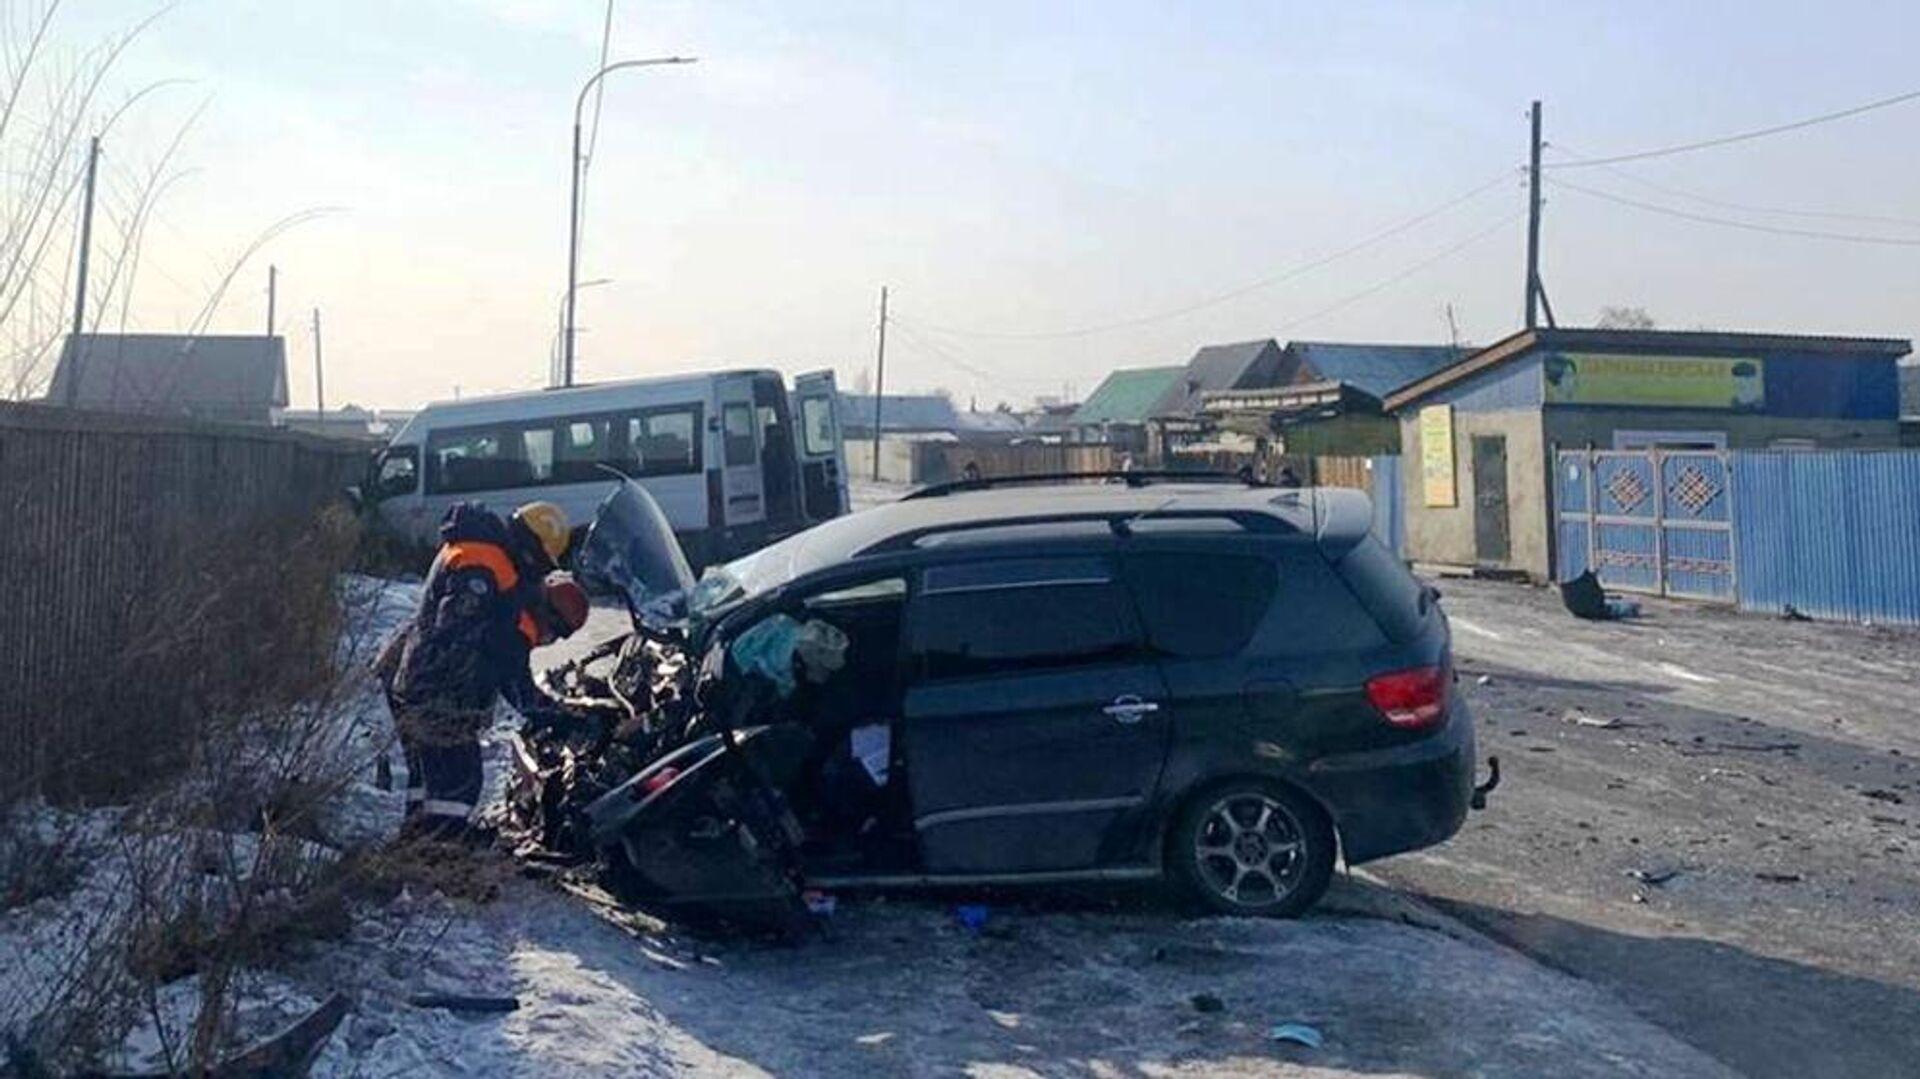 ДТП с участием микроавтобуса в Кызыле - РИА Новости, 1920, 22.02.2021